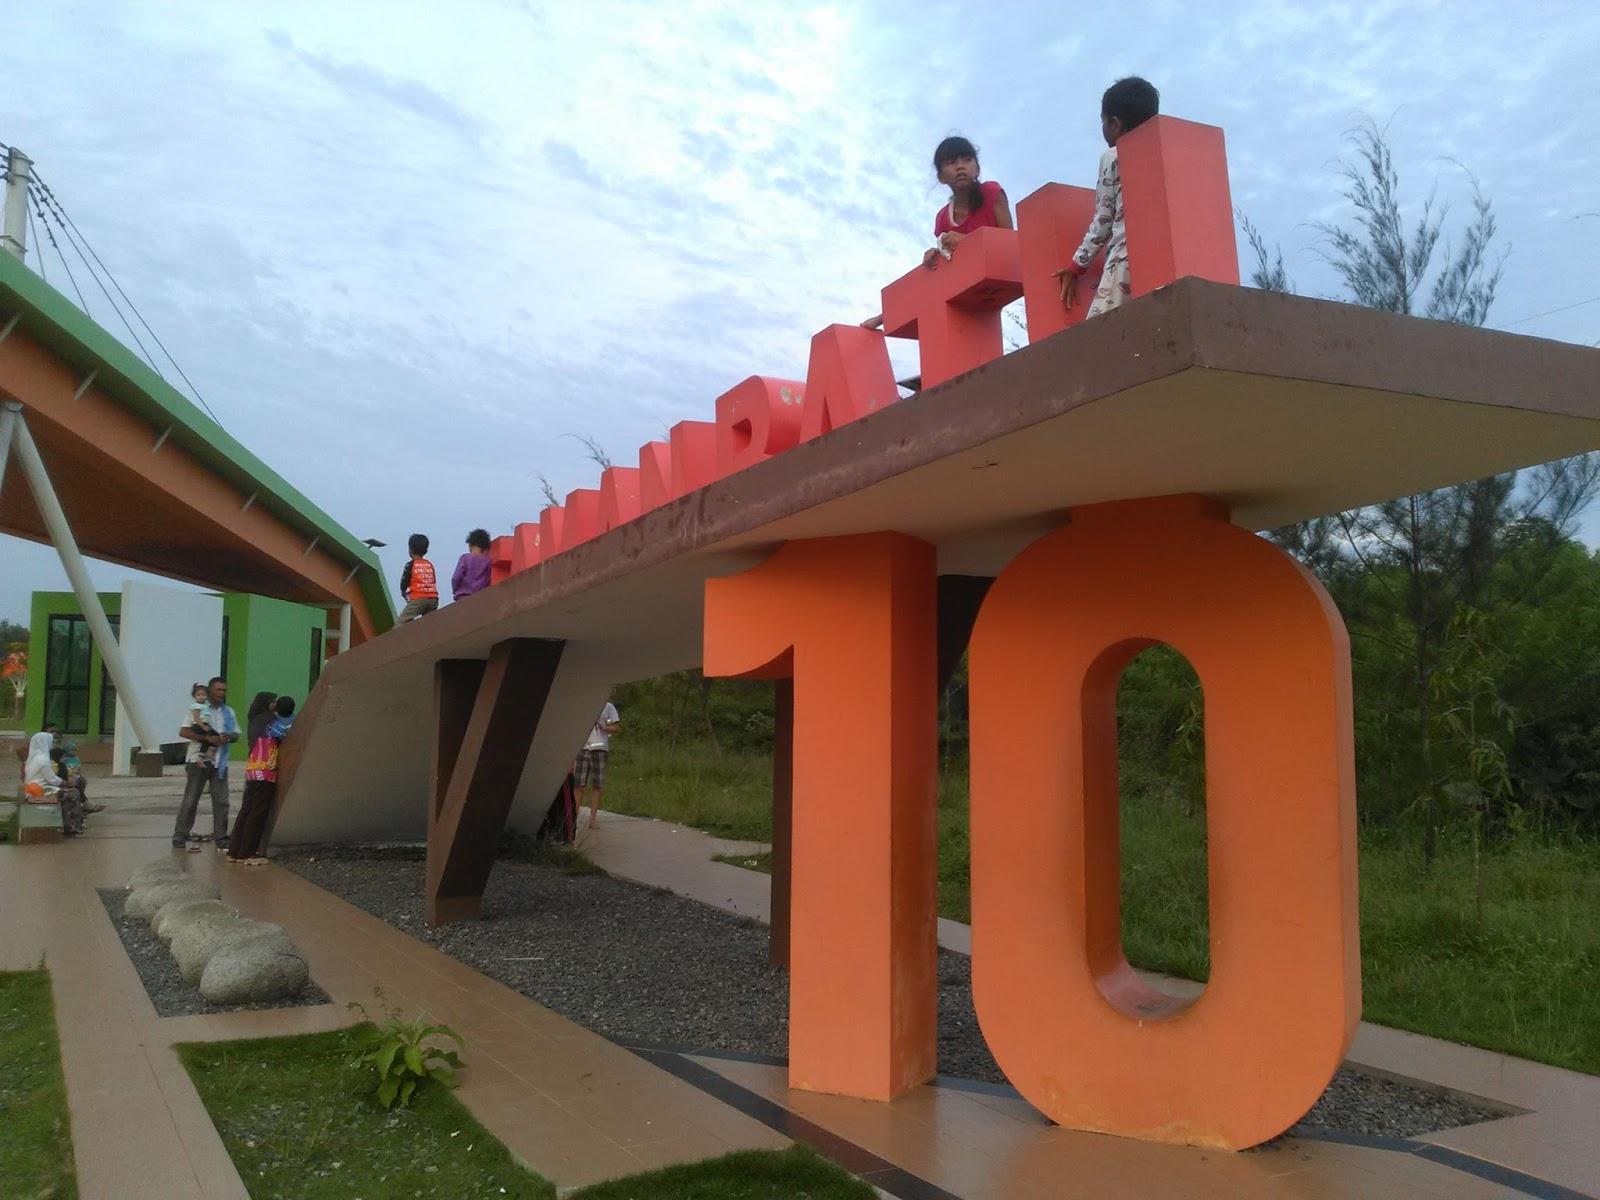 Hidup Inspirasi Desain Taman Terbaik Indonesia Bermain Sela Huruf Fotoku